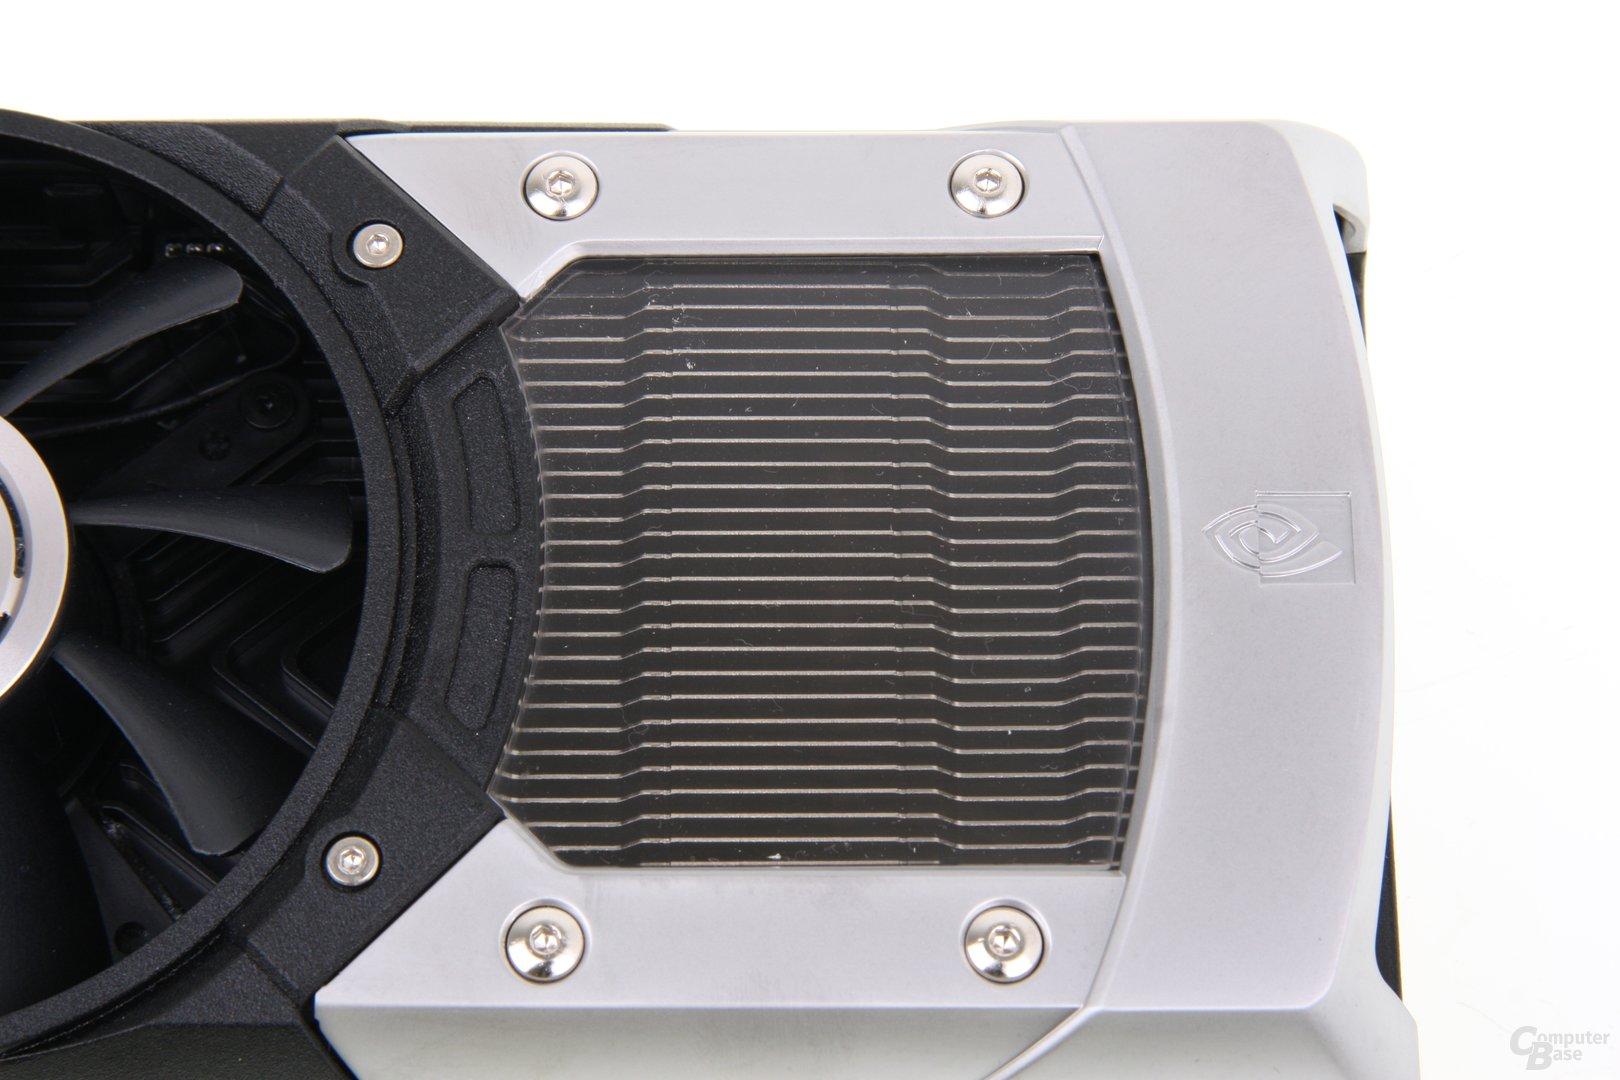 GeForce GTX 690 Lüfterabdeckung